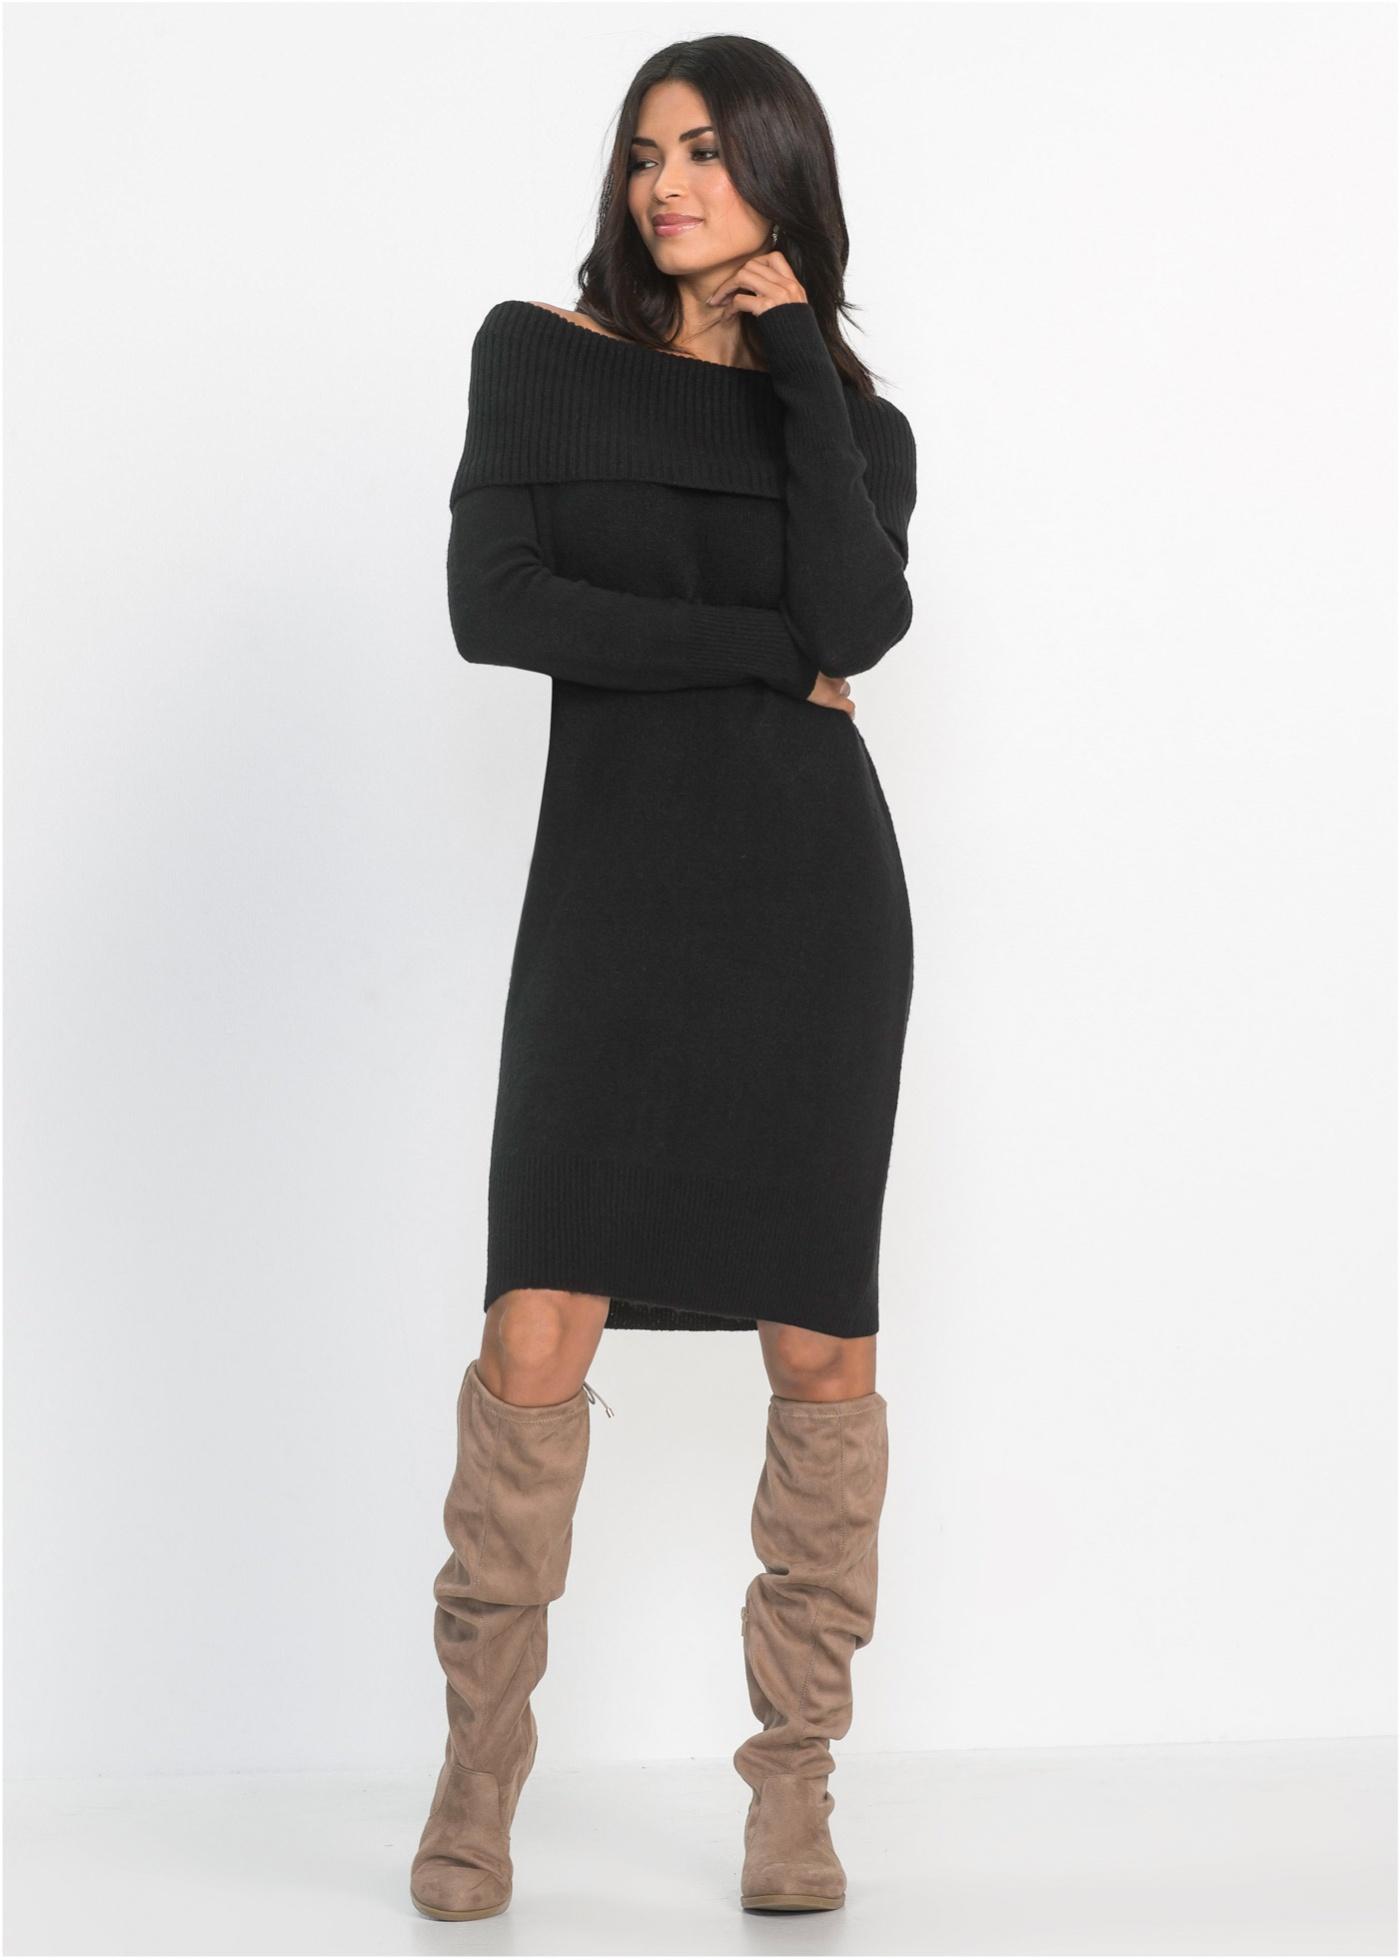 Pletené šaty s odhalenými rameny - Černá